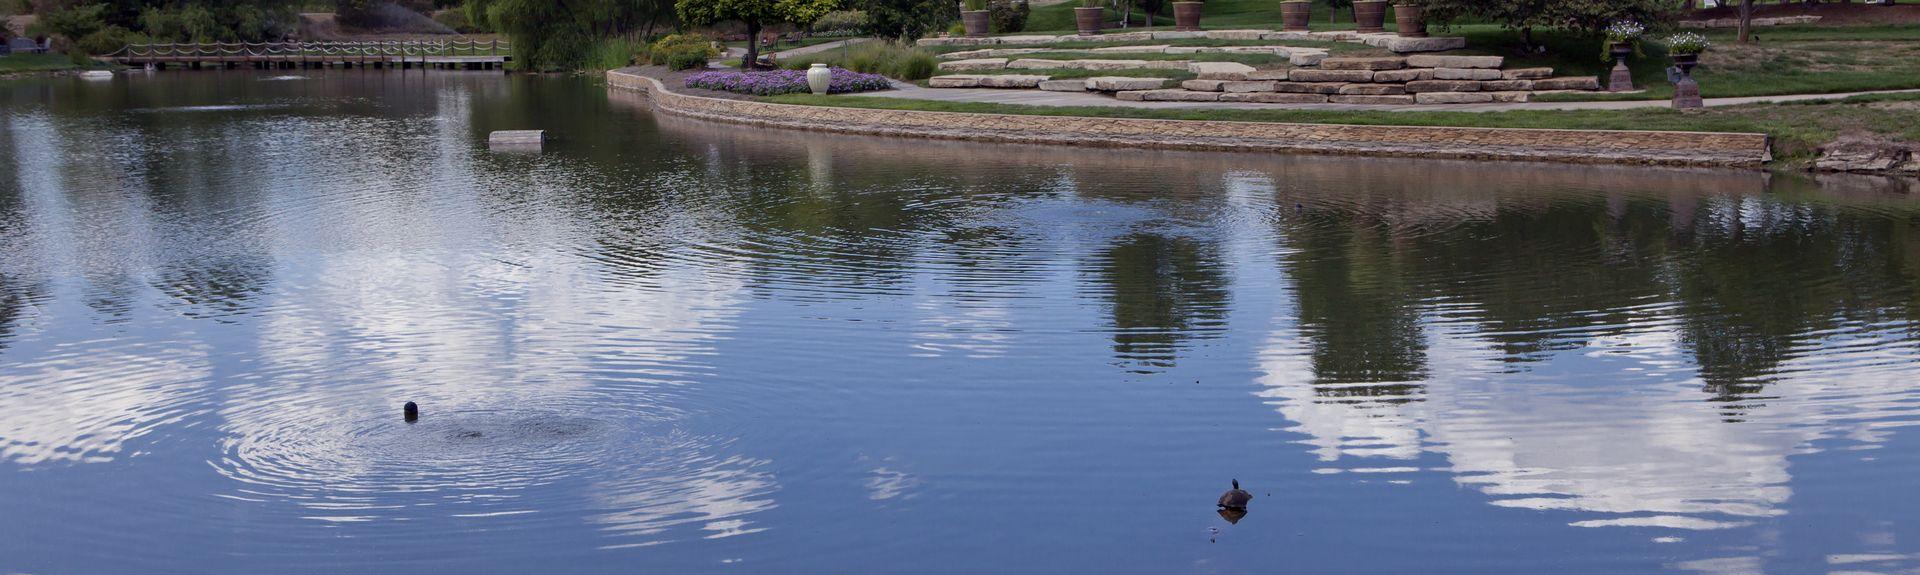 Overland Park, KS, USA